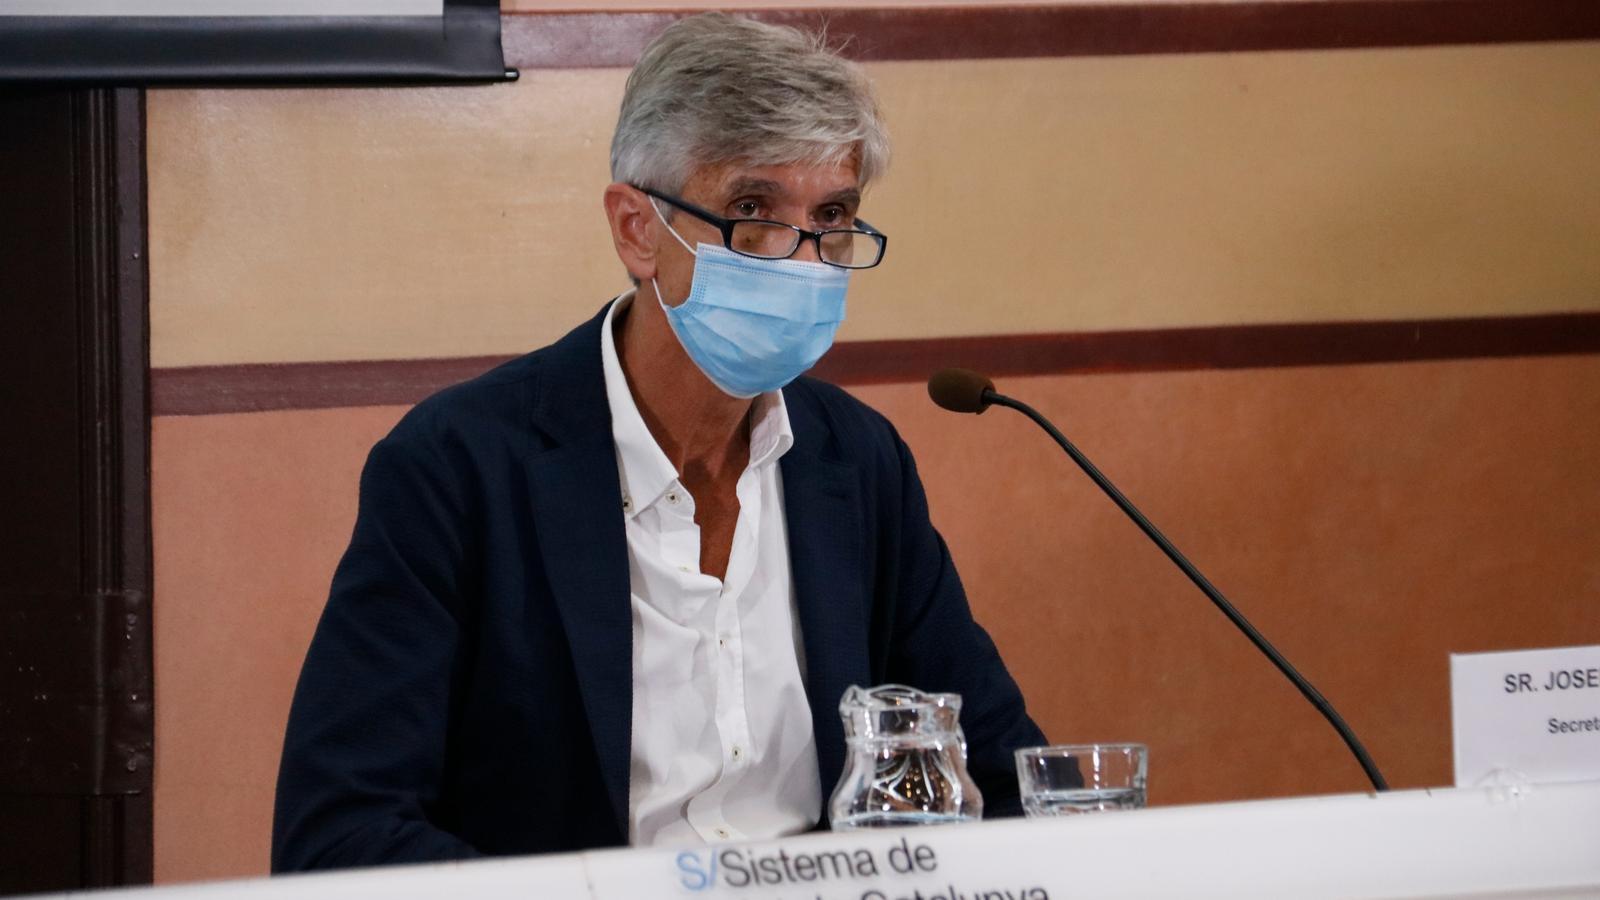 Roda de premsa del secretari de Salut Pública, Josep Maria Argimon, acompanyat del director del CatSalut, Adrià Comella, i del coordinador de la unitat de seguiment del covid-19, Jacobo Mendioroz.